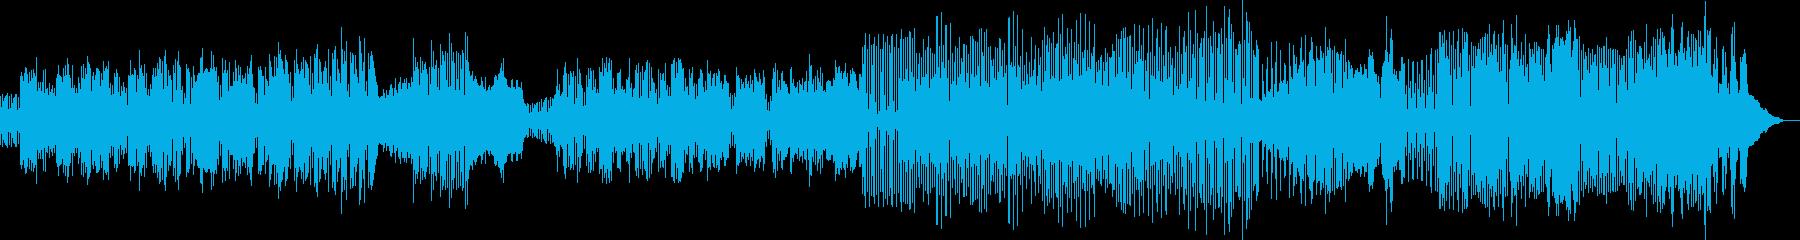 不気味可愛いハロウィン調 ドラム無 Aの再生済みの波形